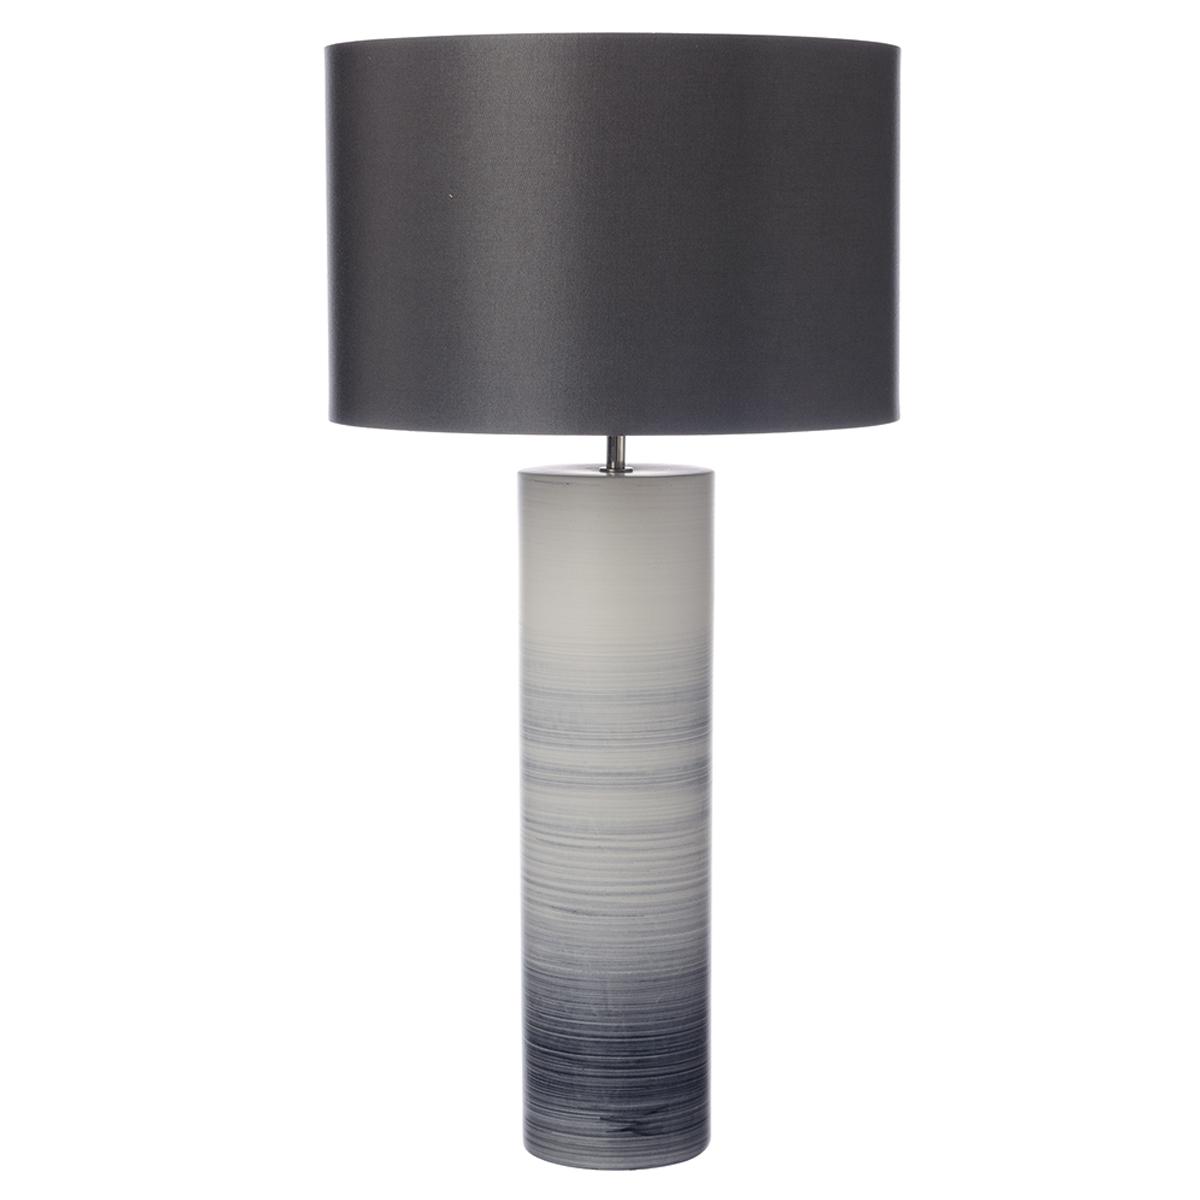 Nazare Table Lamp Black White Ceramic Base Only Nottingham Lighting Centre